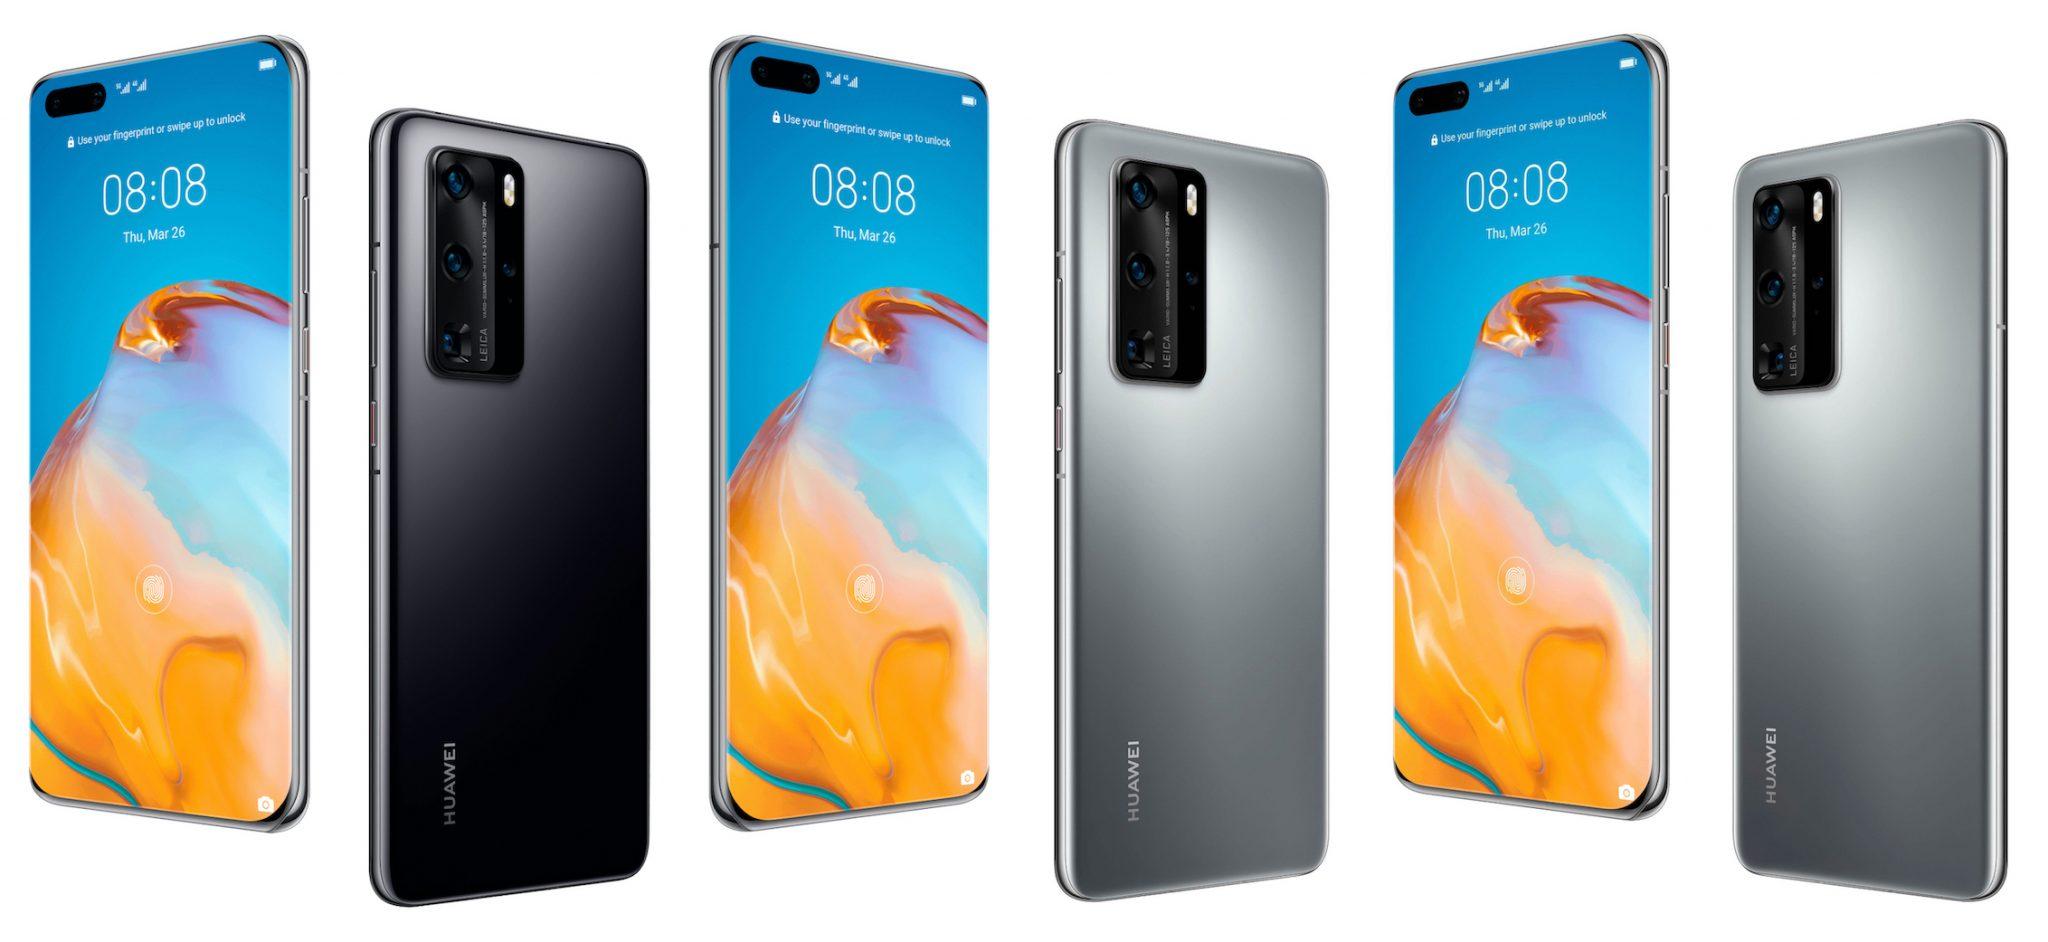 Huawei annuncia sconti fino al 40% per il Black Friday thumbnail